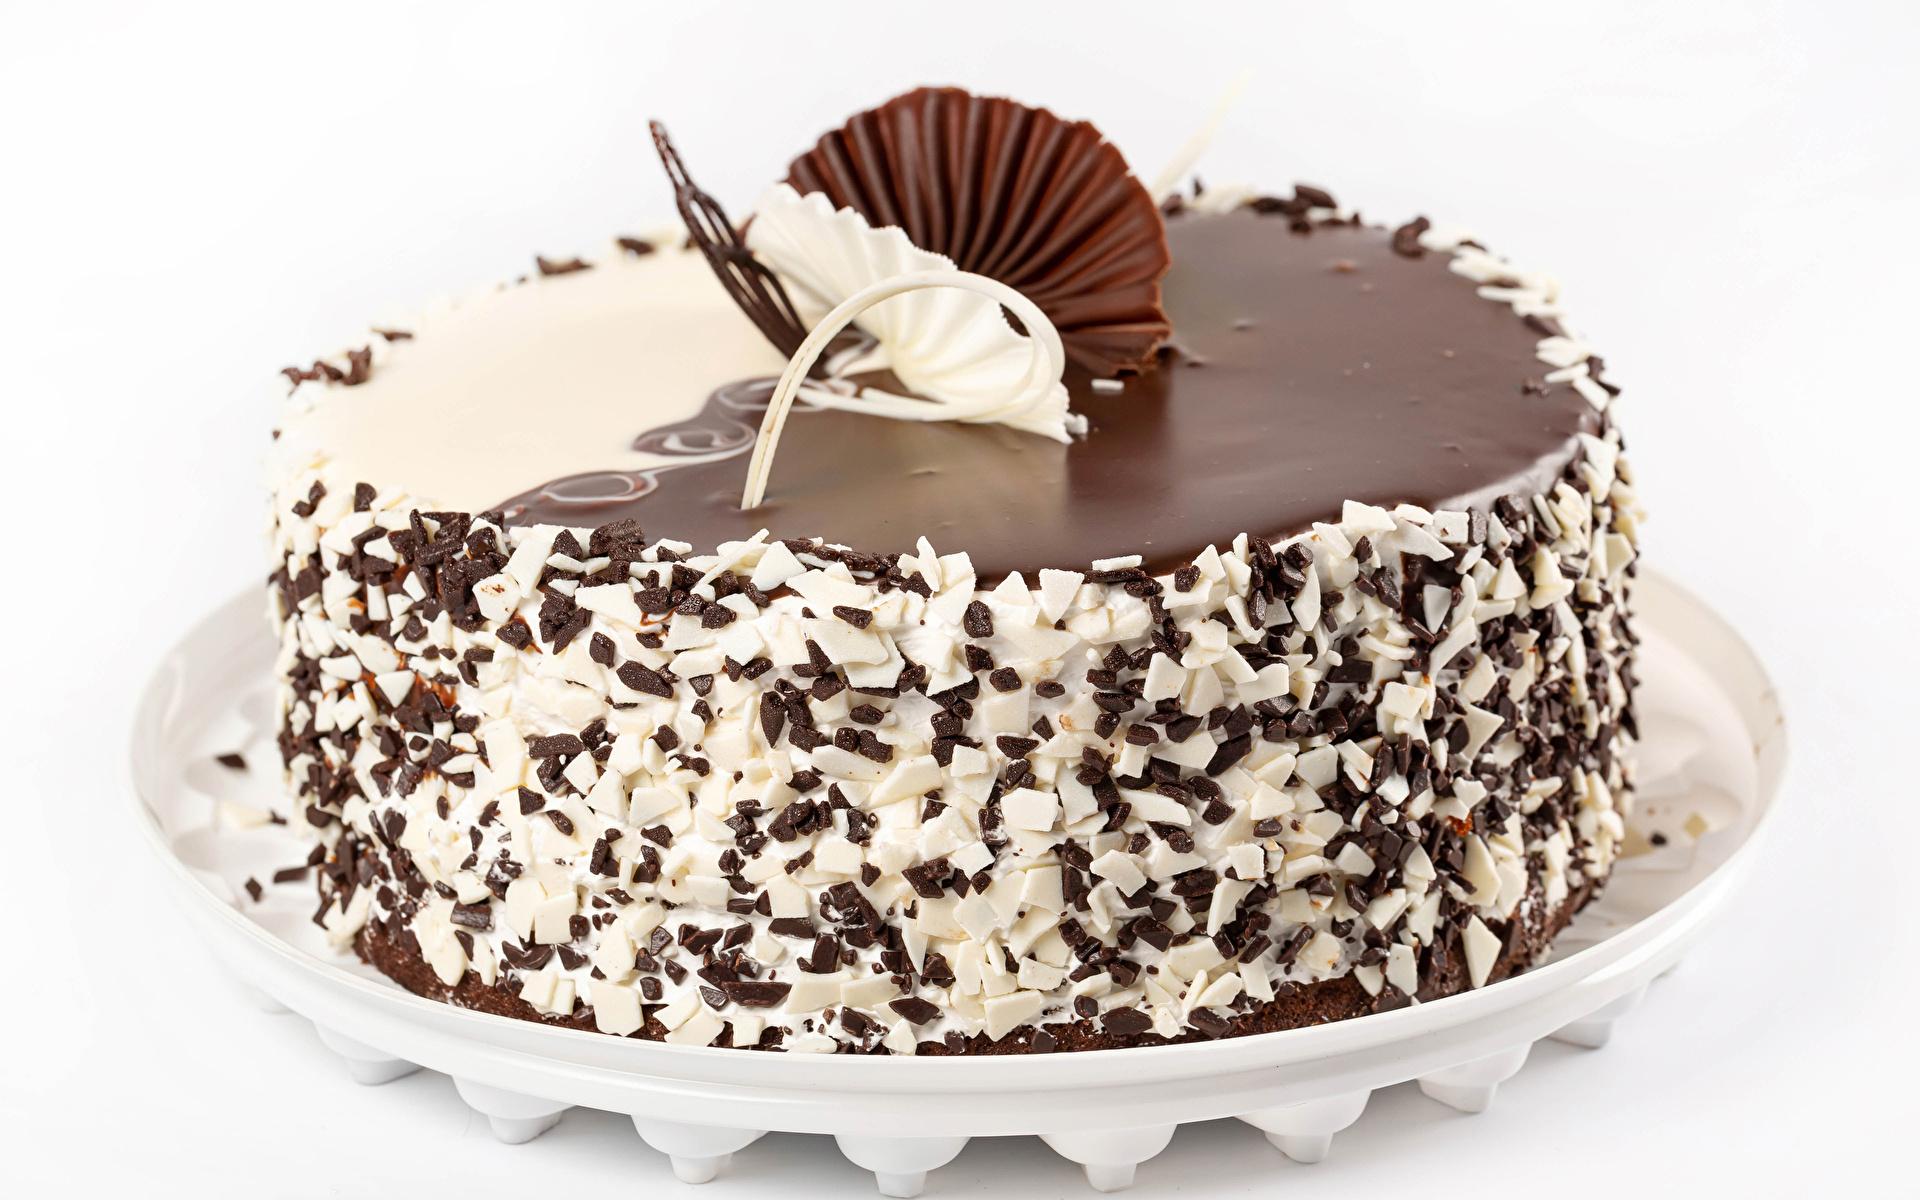 Afbeeldingen Chocolade Taart Voedsel Witte achtergrond Ontwerp 1920x1200 spijs